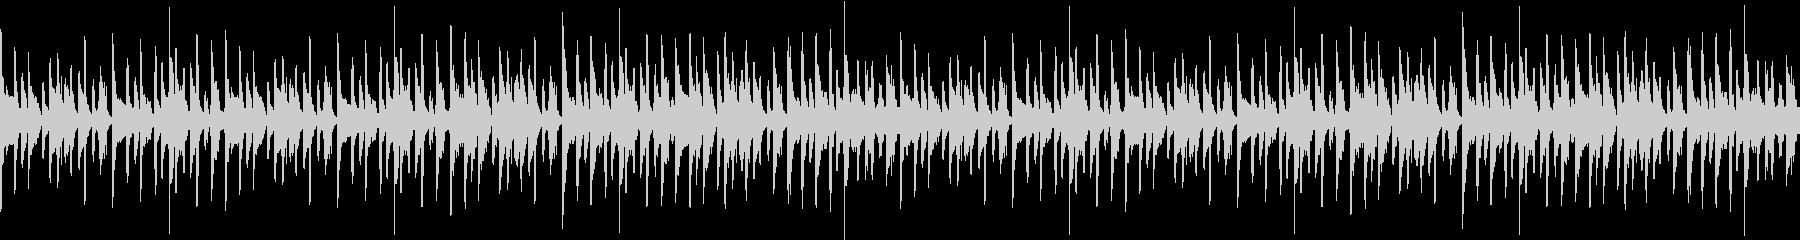 ノリの良いアーバンテイストポップループの未再生の波形